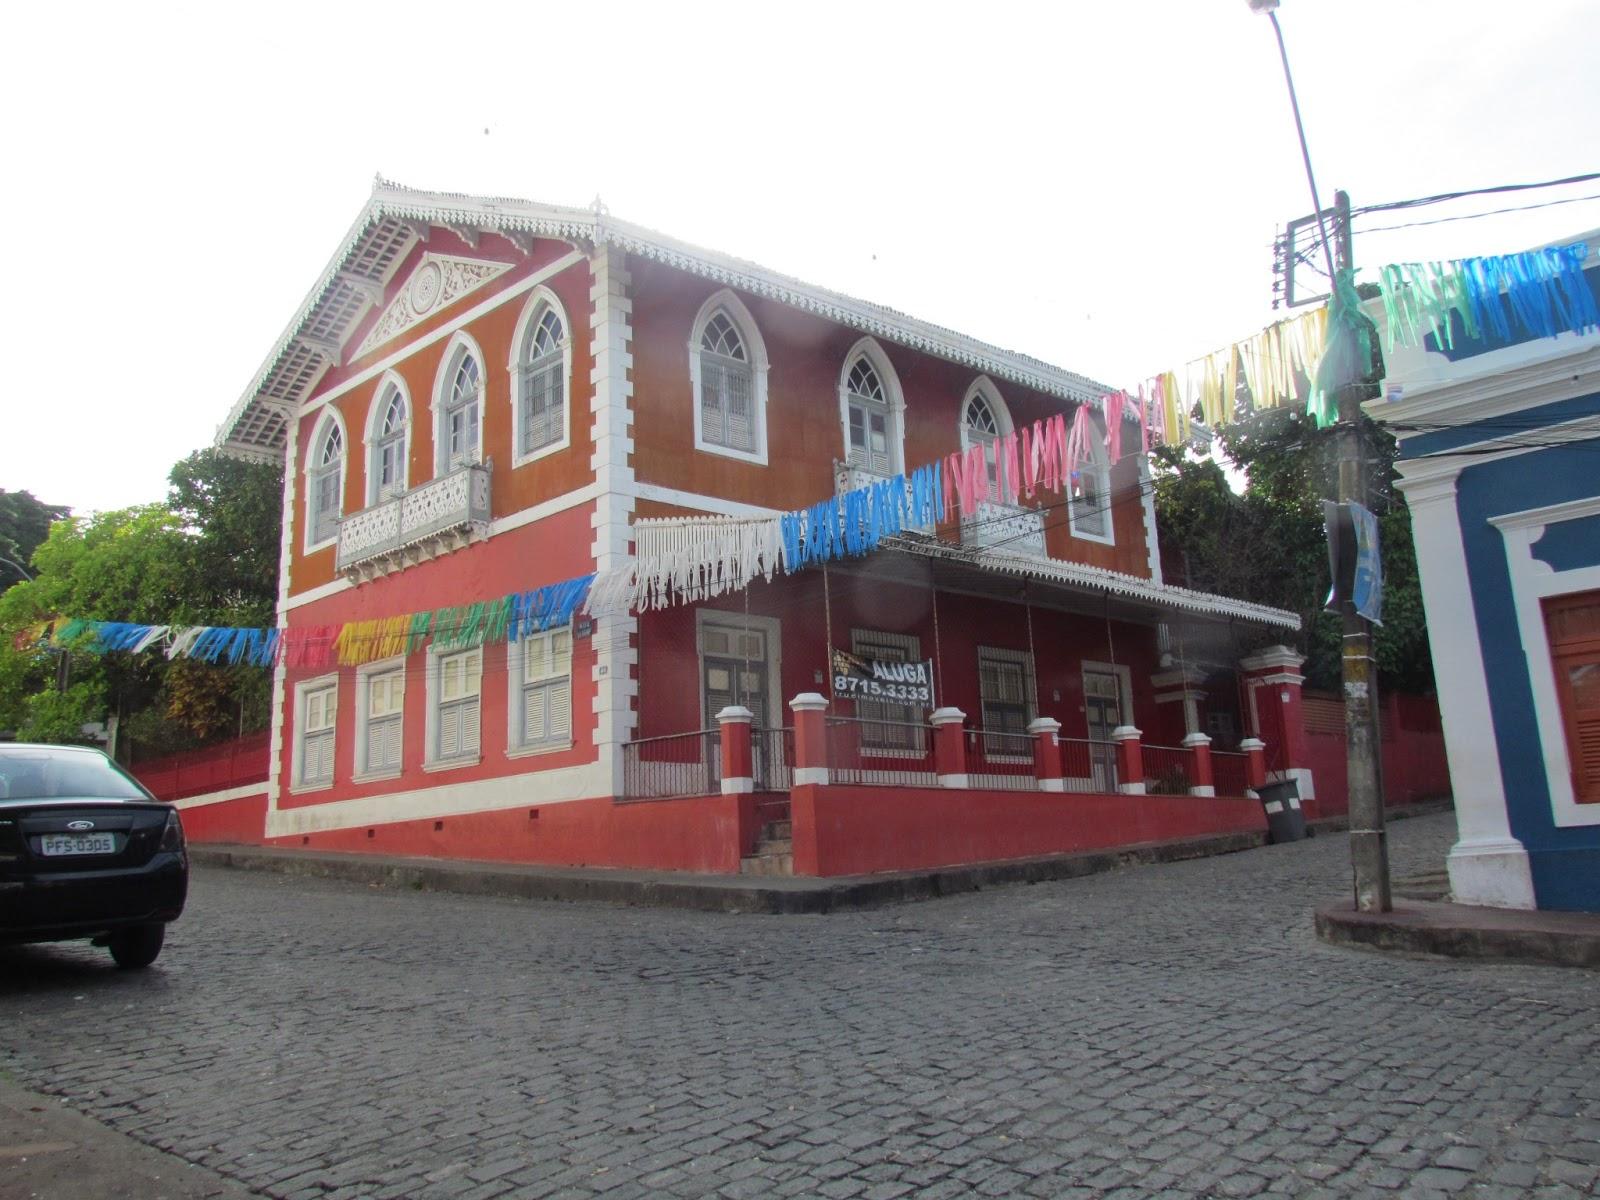 Casa mostra poder aquisitivo do dono na época Brasil colonia Olinda PE